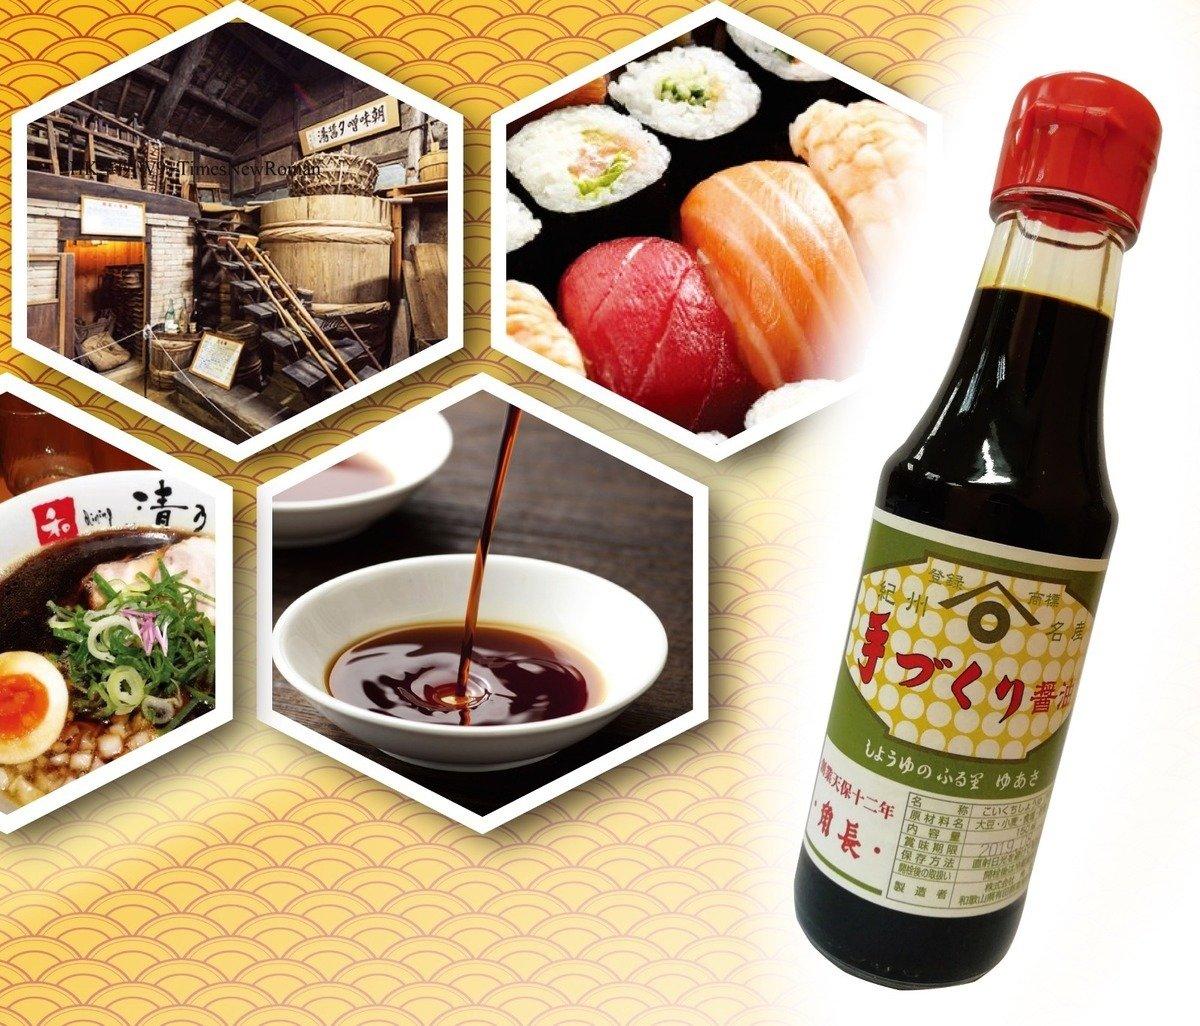 角長醬油來自日本醬油發源地和歌山淺湯町,沿用750年的醬油釀造方法。